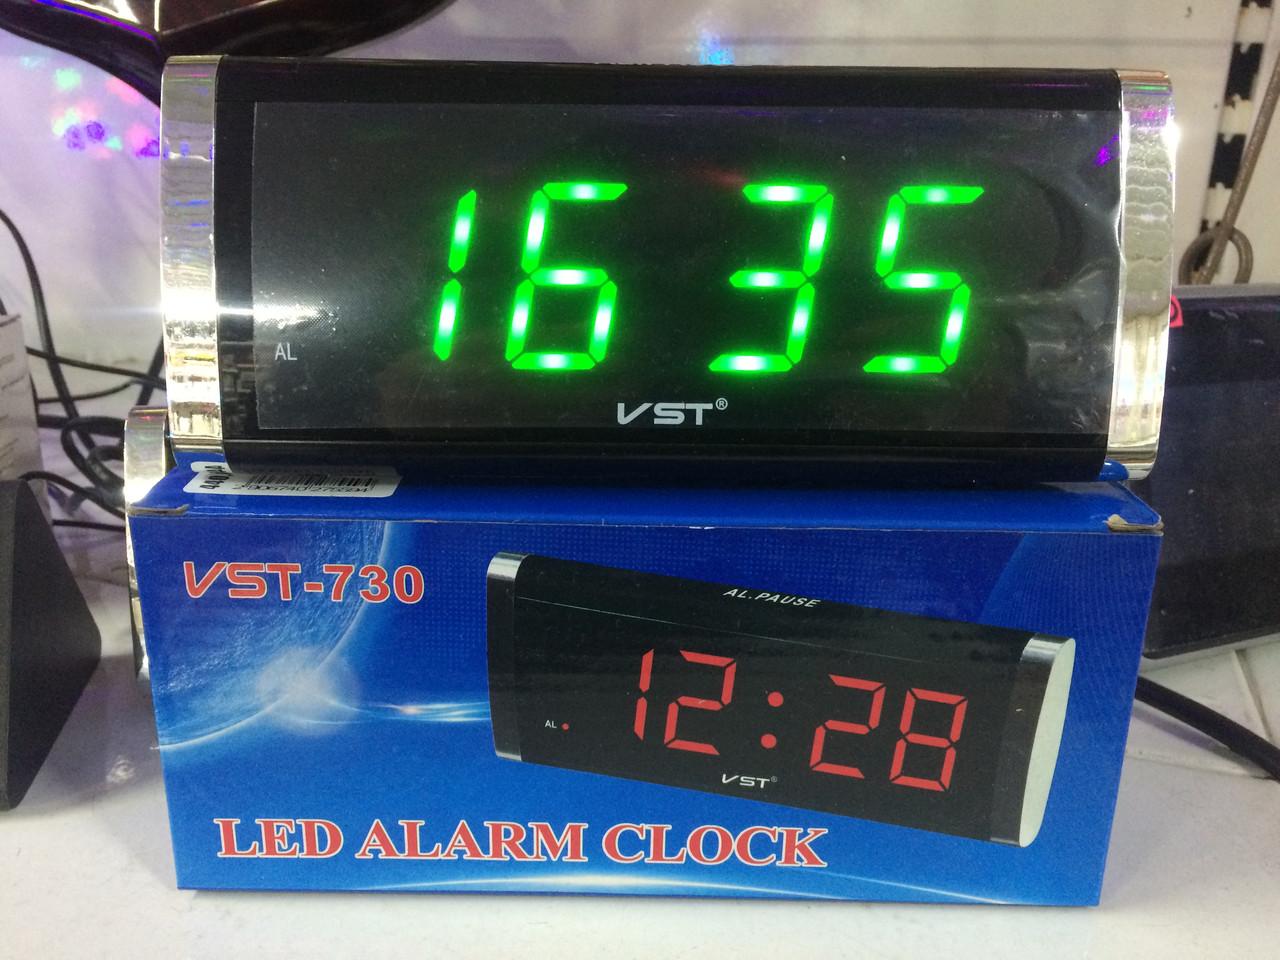 633bd564 Купить Заказать Часы сетевые - VST 730-2: Продажа: Цена низкая. часы ...